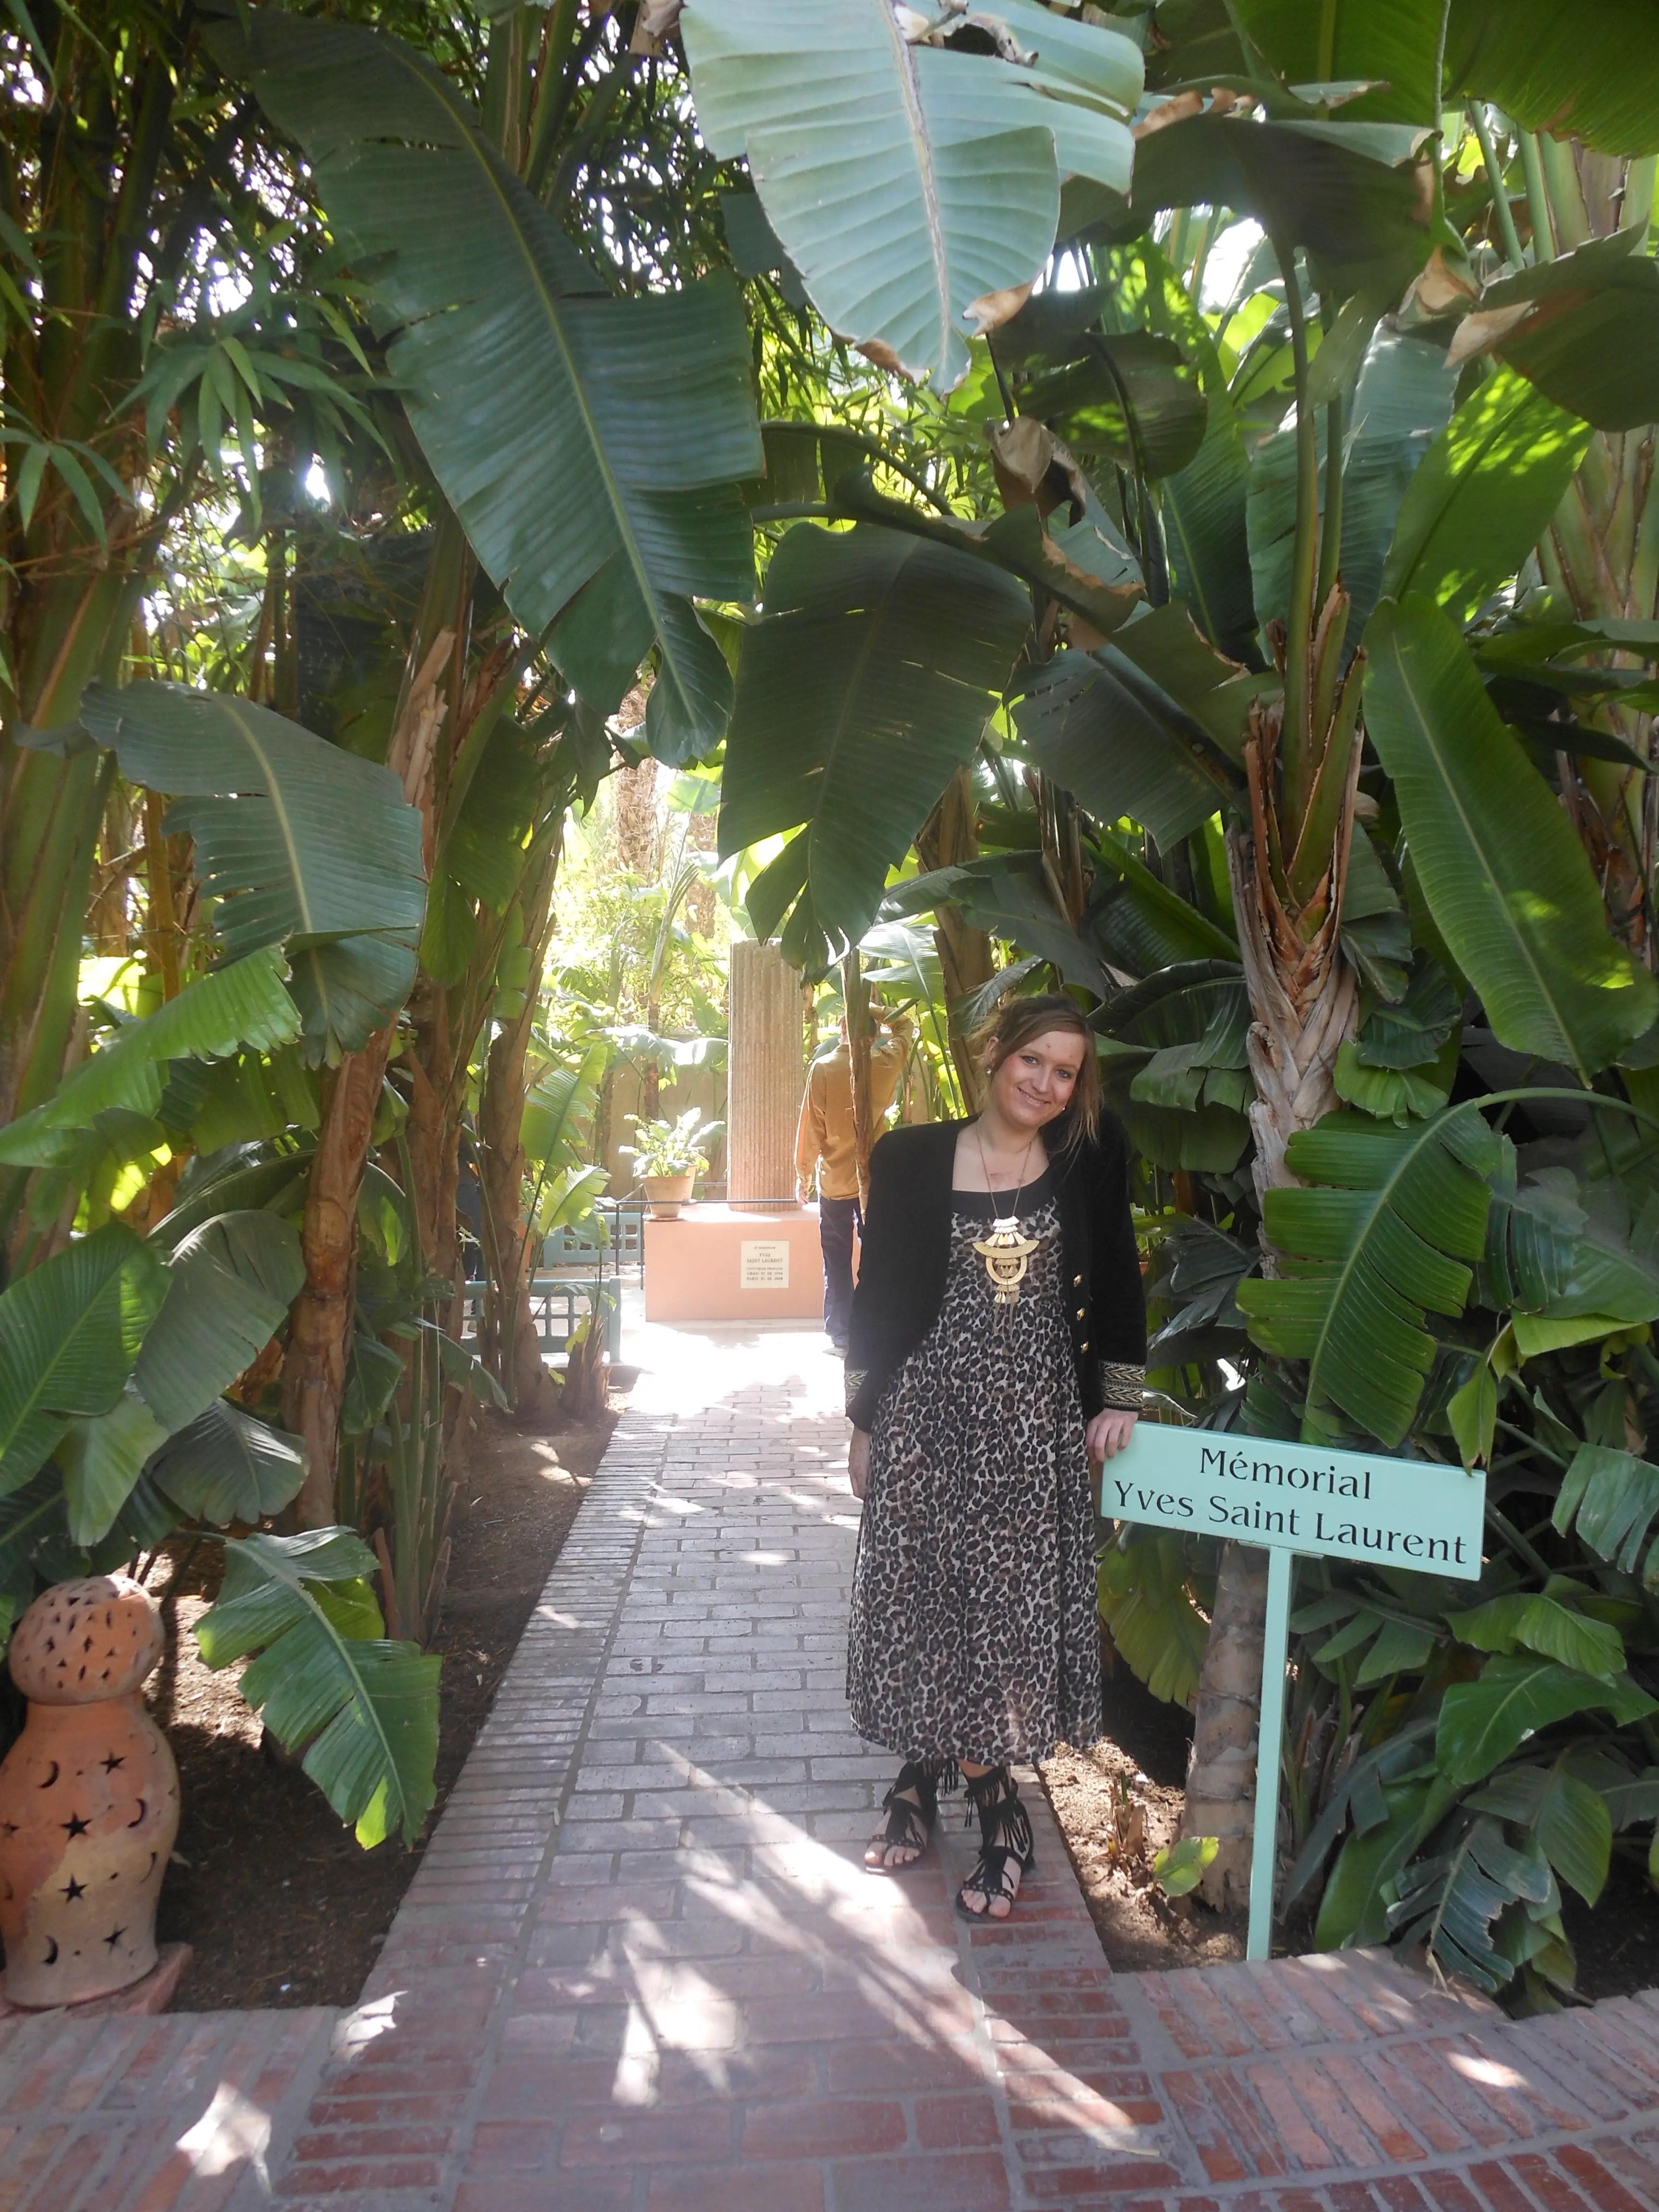 Majorelle Yves Saint Laurent Gardens